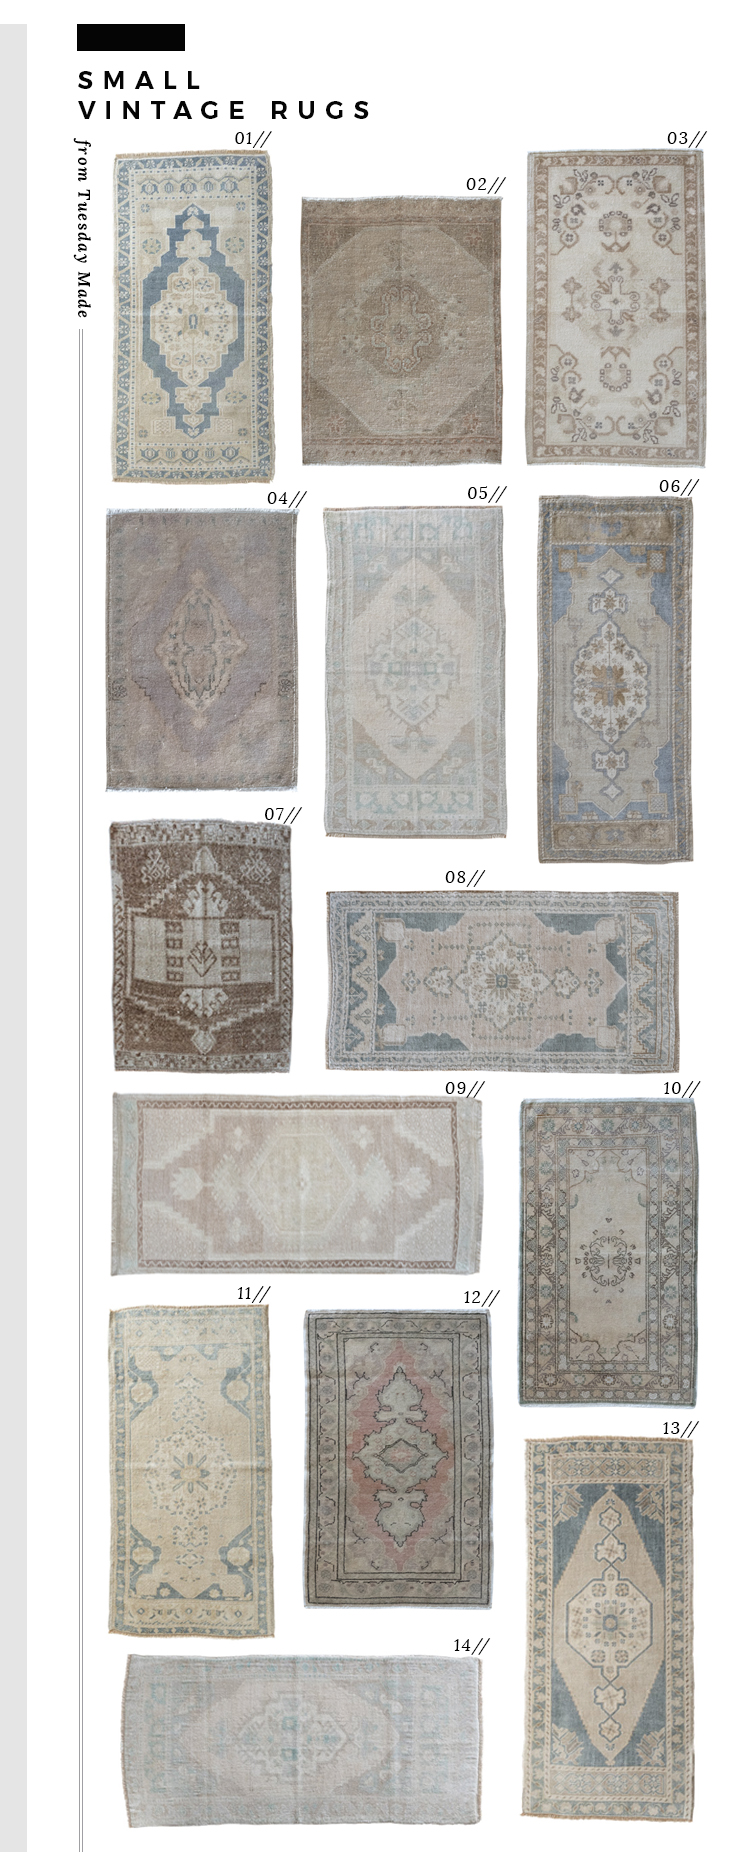 My Latest Vintage Rug Haul - roomfortuesday.com